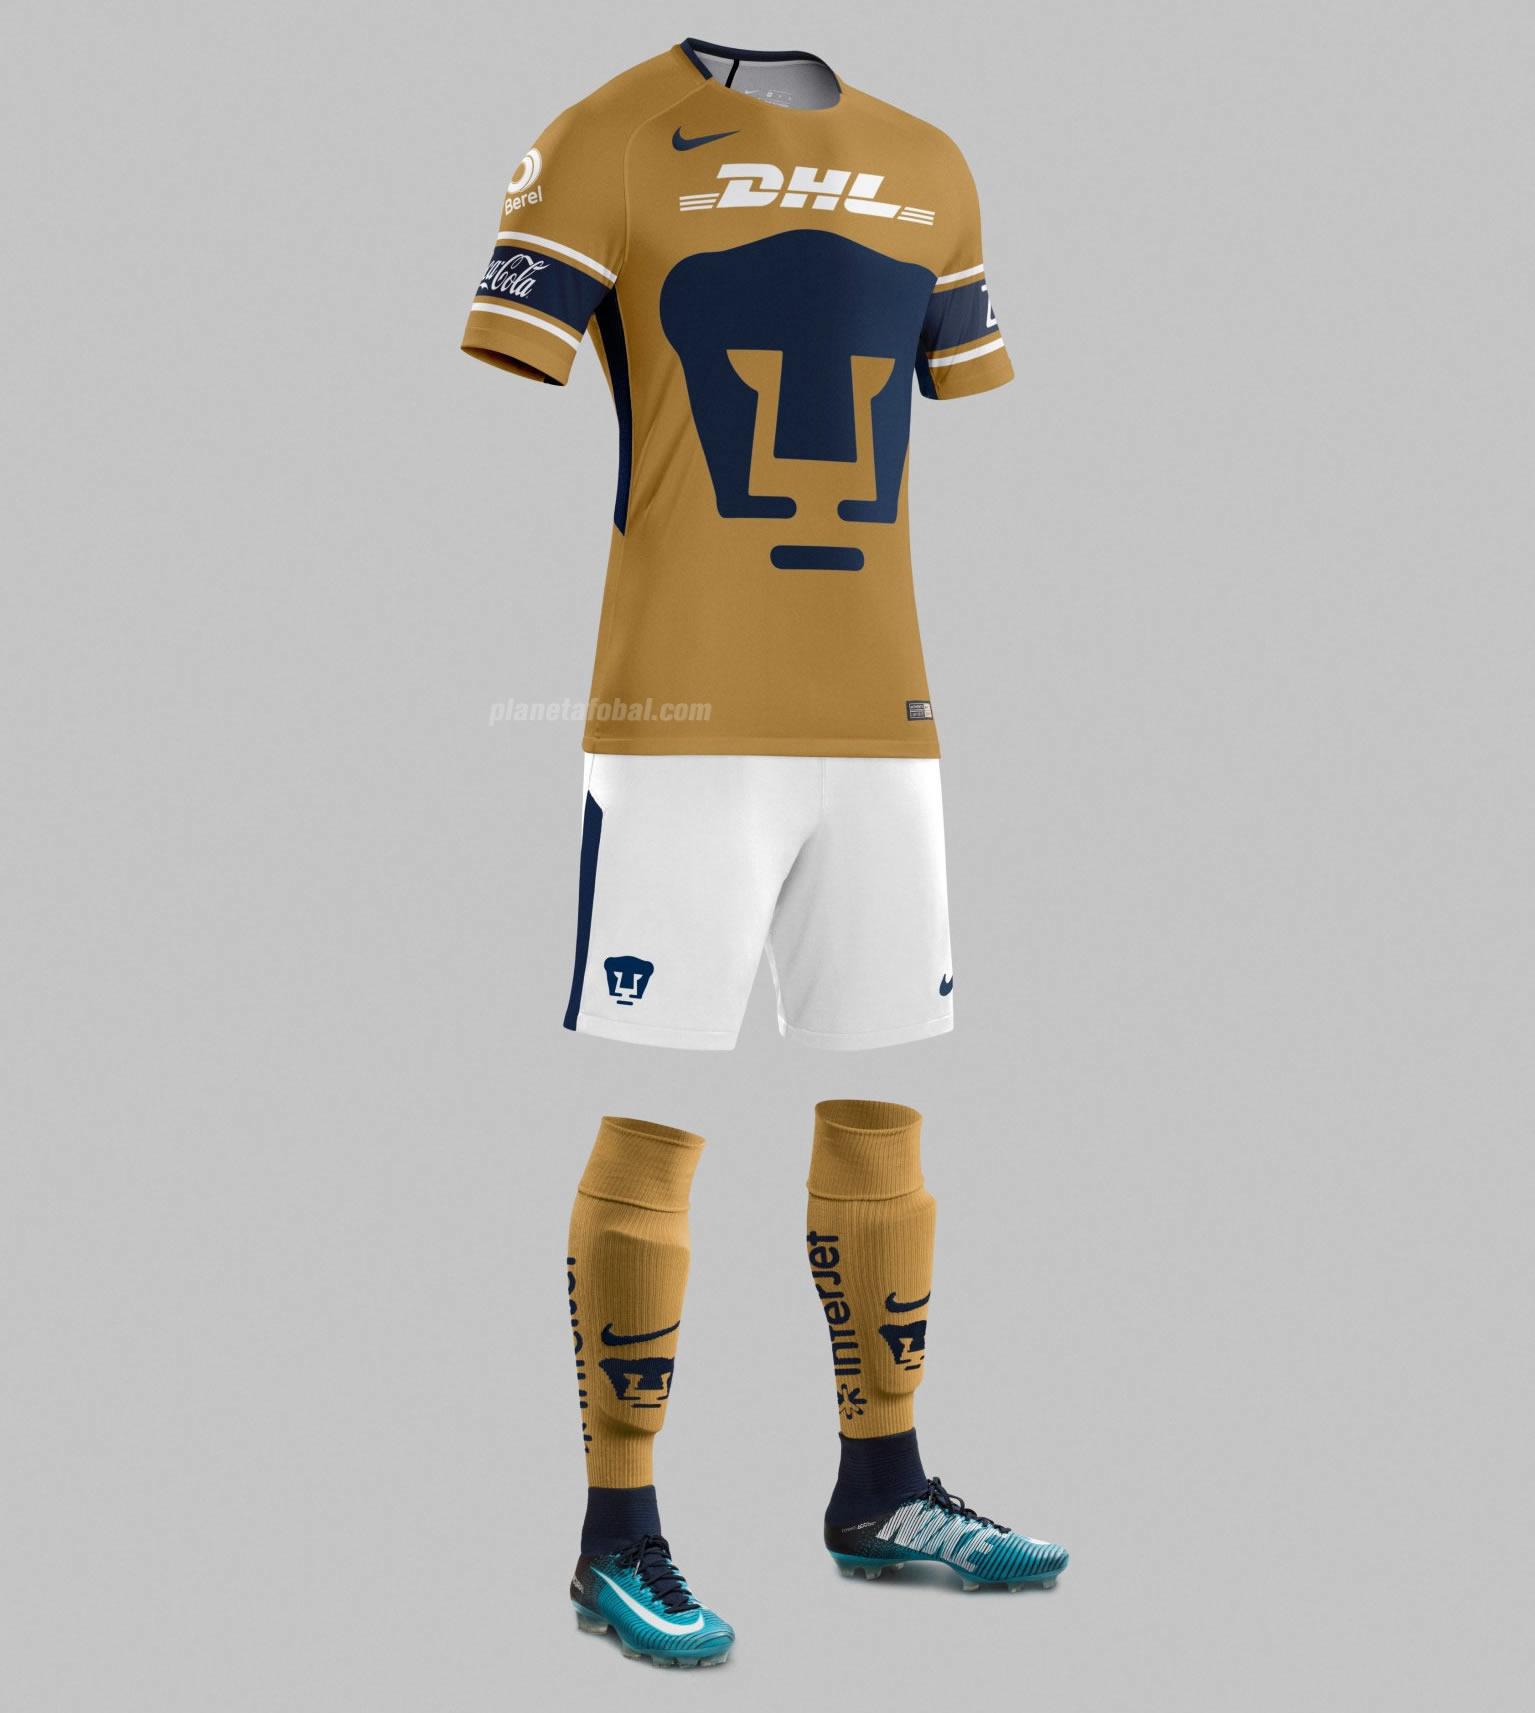 Tercera camiseta de los Pumas de la UNAM | Foto Nike